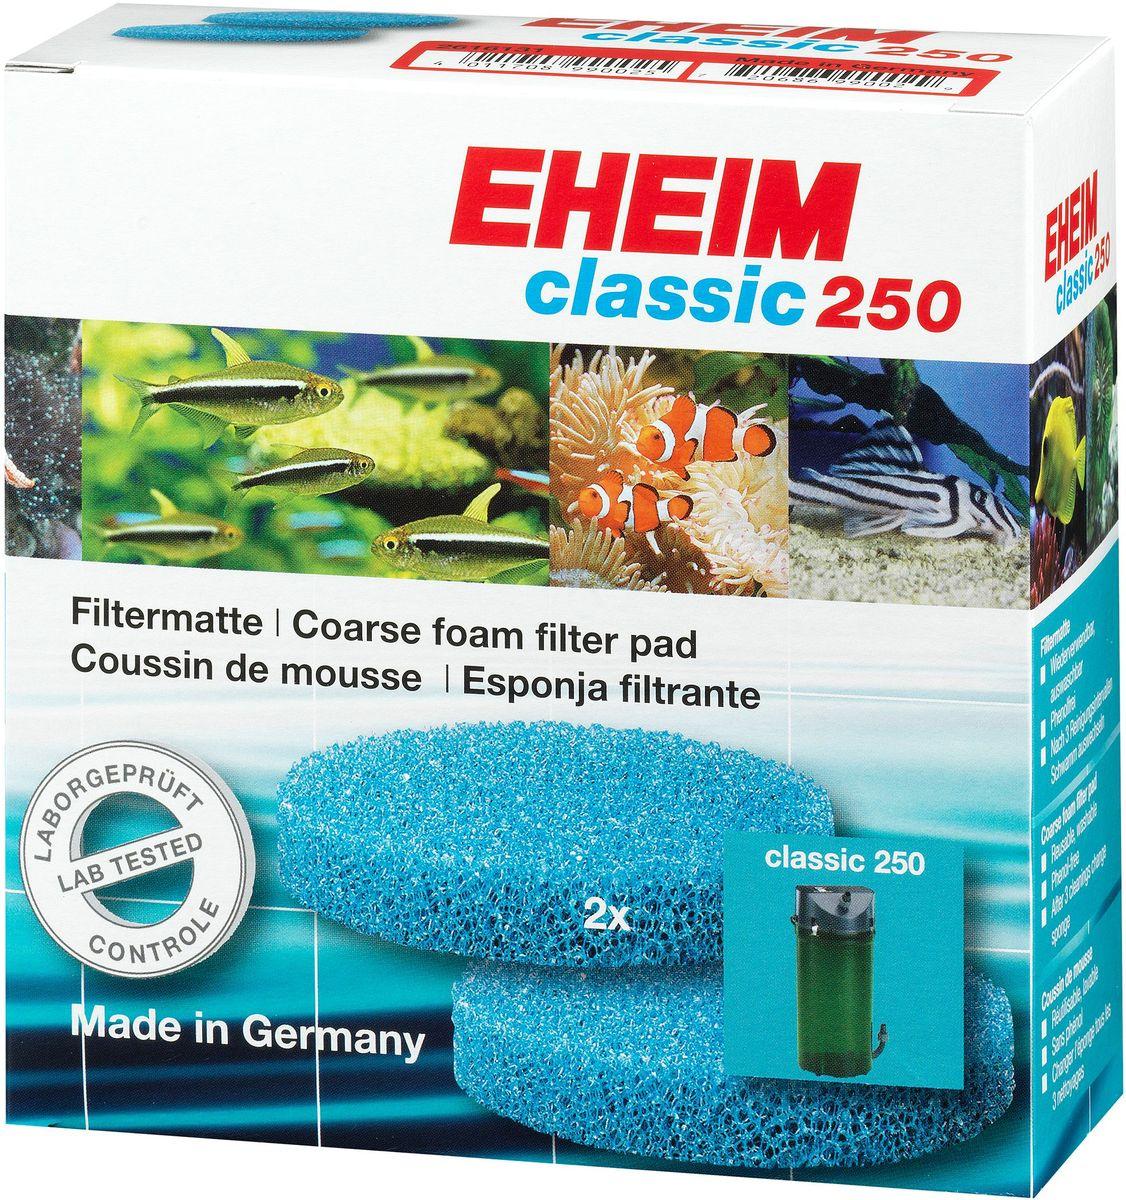 Наполнитель для фильтра Eheim Classic 250, поролон, 2 шт0120710Пористая губка для фильтров Eheim Classic 250 применяется для механической и биологической очистки воды.